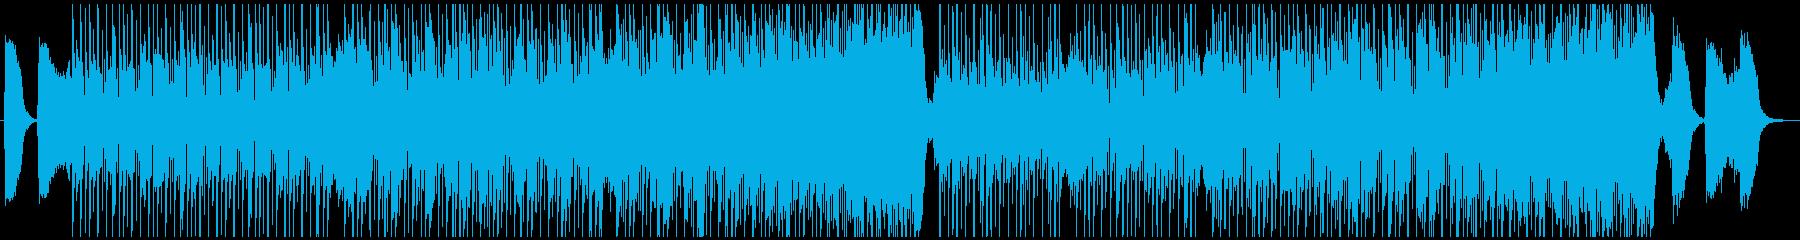 電気研究所ハイテク技術。ロボットの...の再生済みの波形